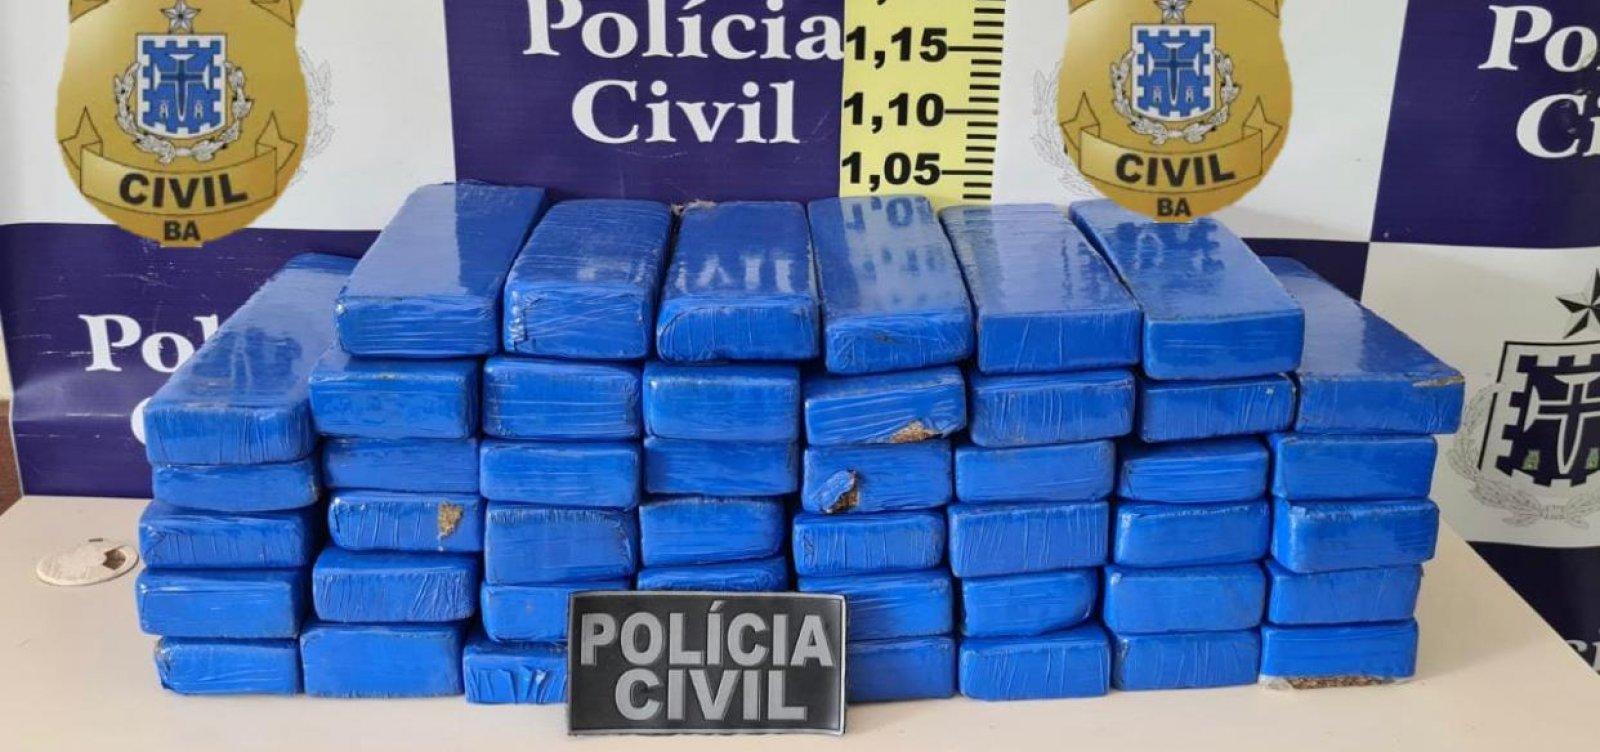 Feira de Santana: homem é preso em flagrante com 46 tabletes de maconha em ônibus